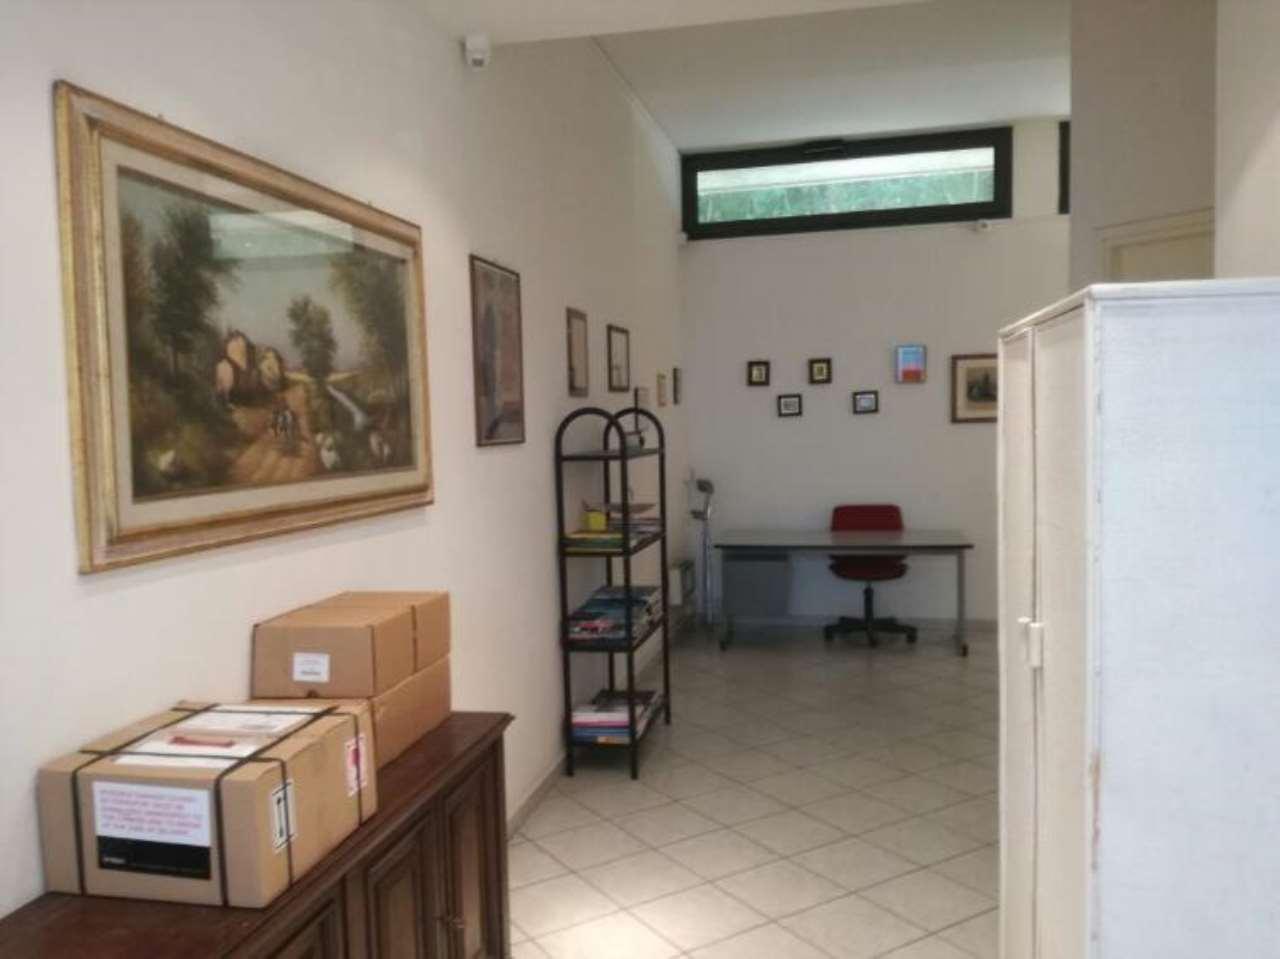 Laboratorio in vendita a Firenze, 2 locali, zona Zona: 18 . Settignano, Coverciano, prezzo € 120.000   CambioCasa.it